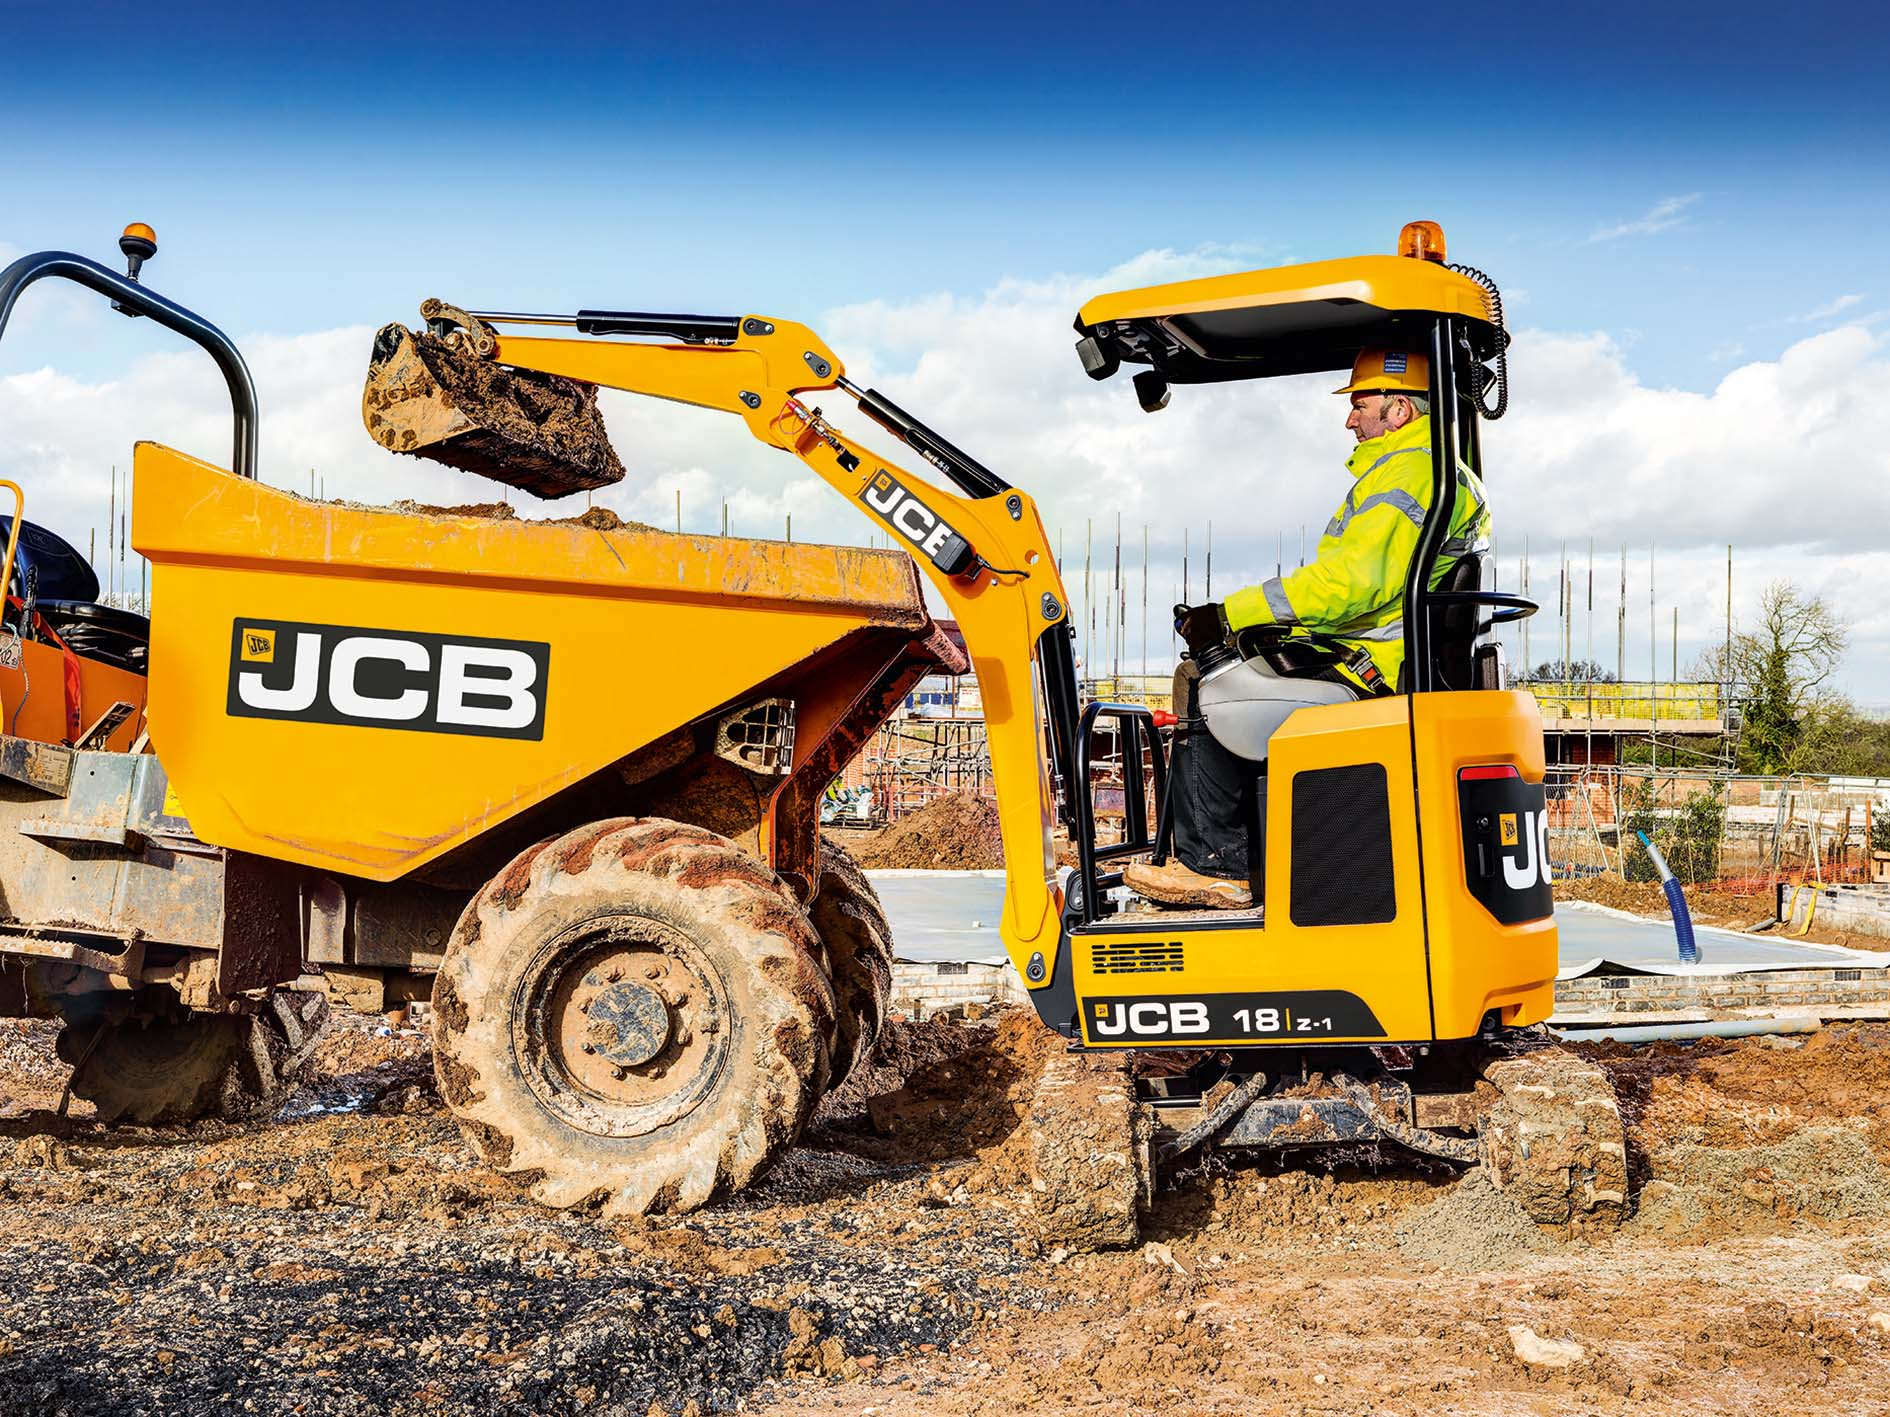 jcb macchine industriali - Pagina 2 07d8bf17-8736-447f-ab31-13d89a69caac